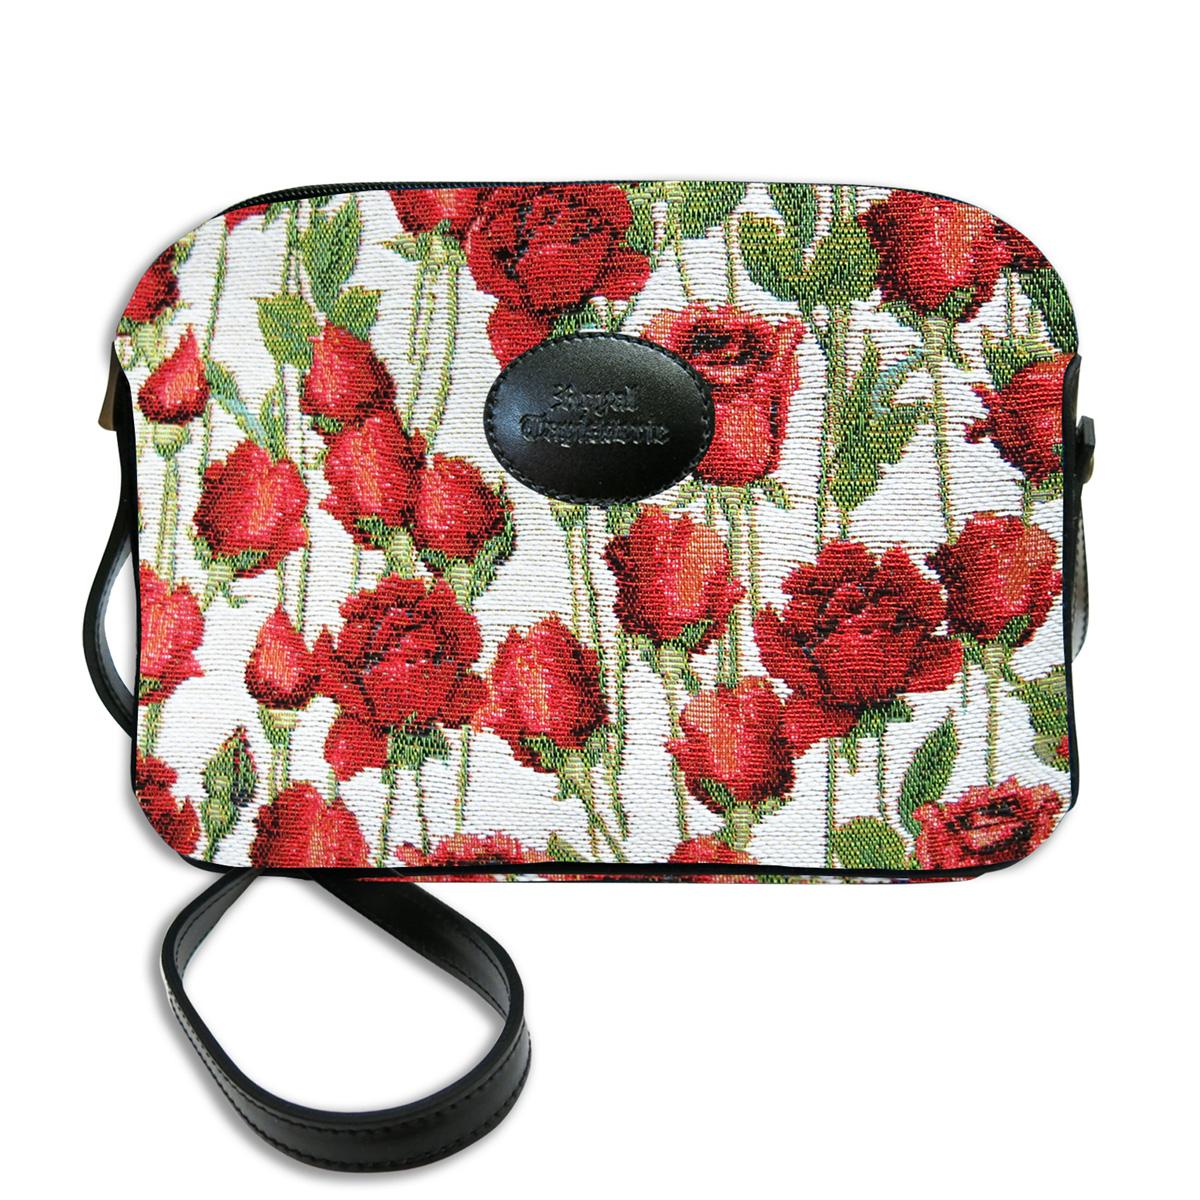 Sac bandoulière artisanal \'Royal Tapisserie\' blanc rouge (Roses rouges)  - 23x17x6 cm - [Q6373]